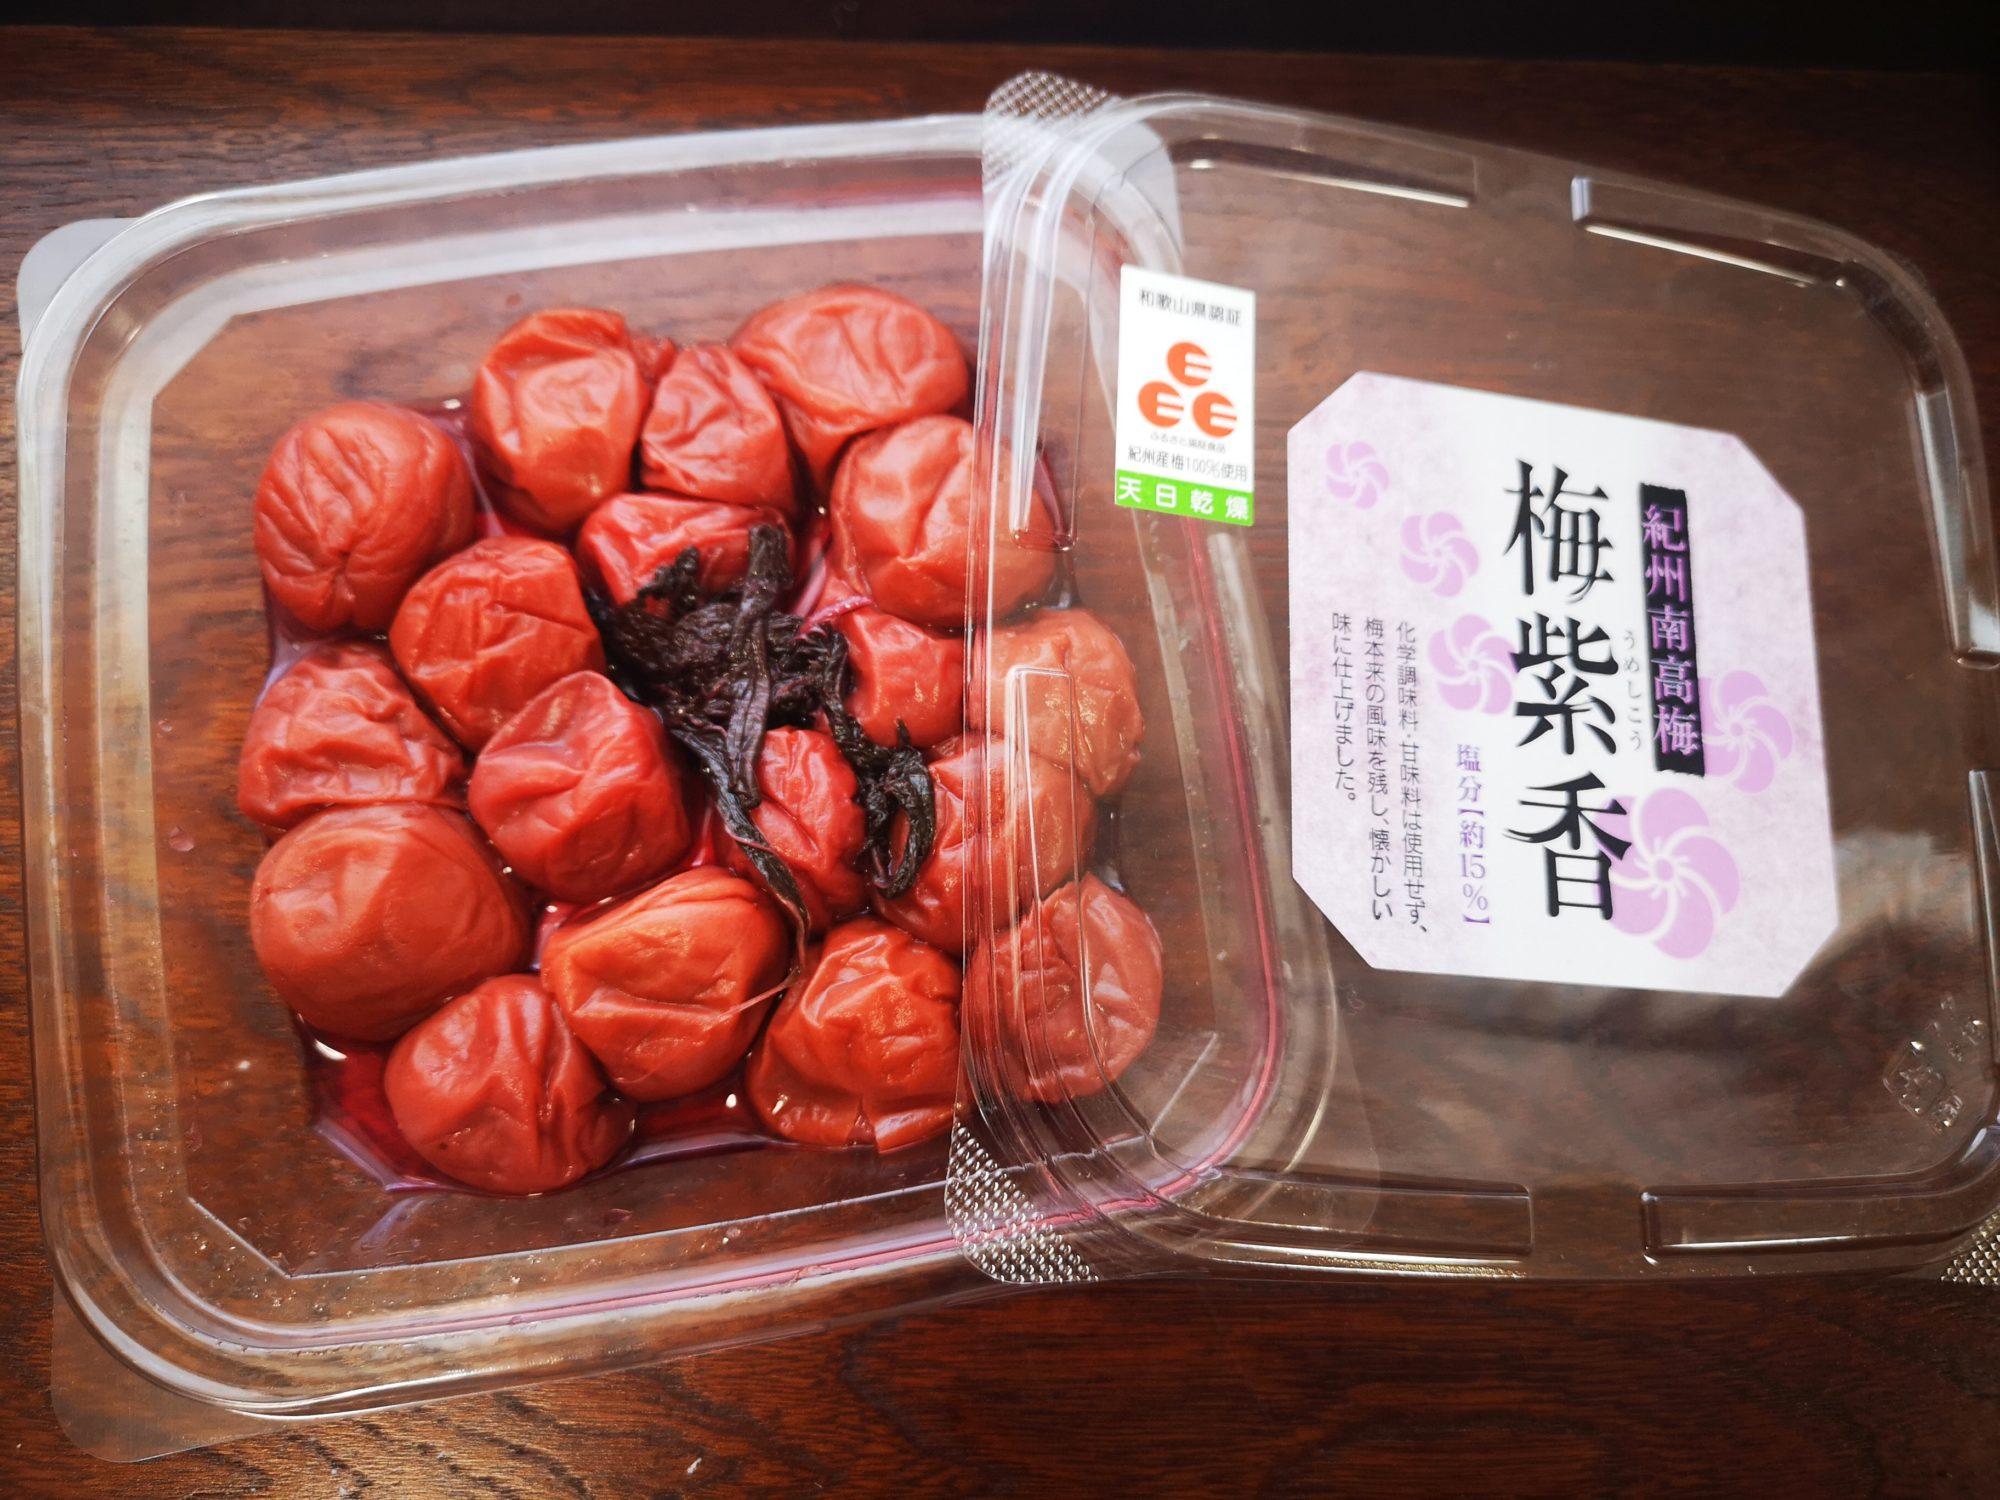 宮崎県の梅干し専門店 梅日和たいまつ「梅紫香(うめしこう)」をお取り寄せ